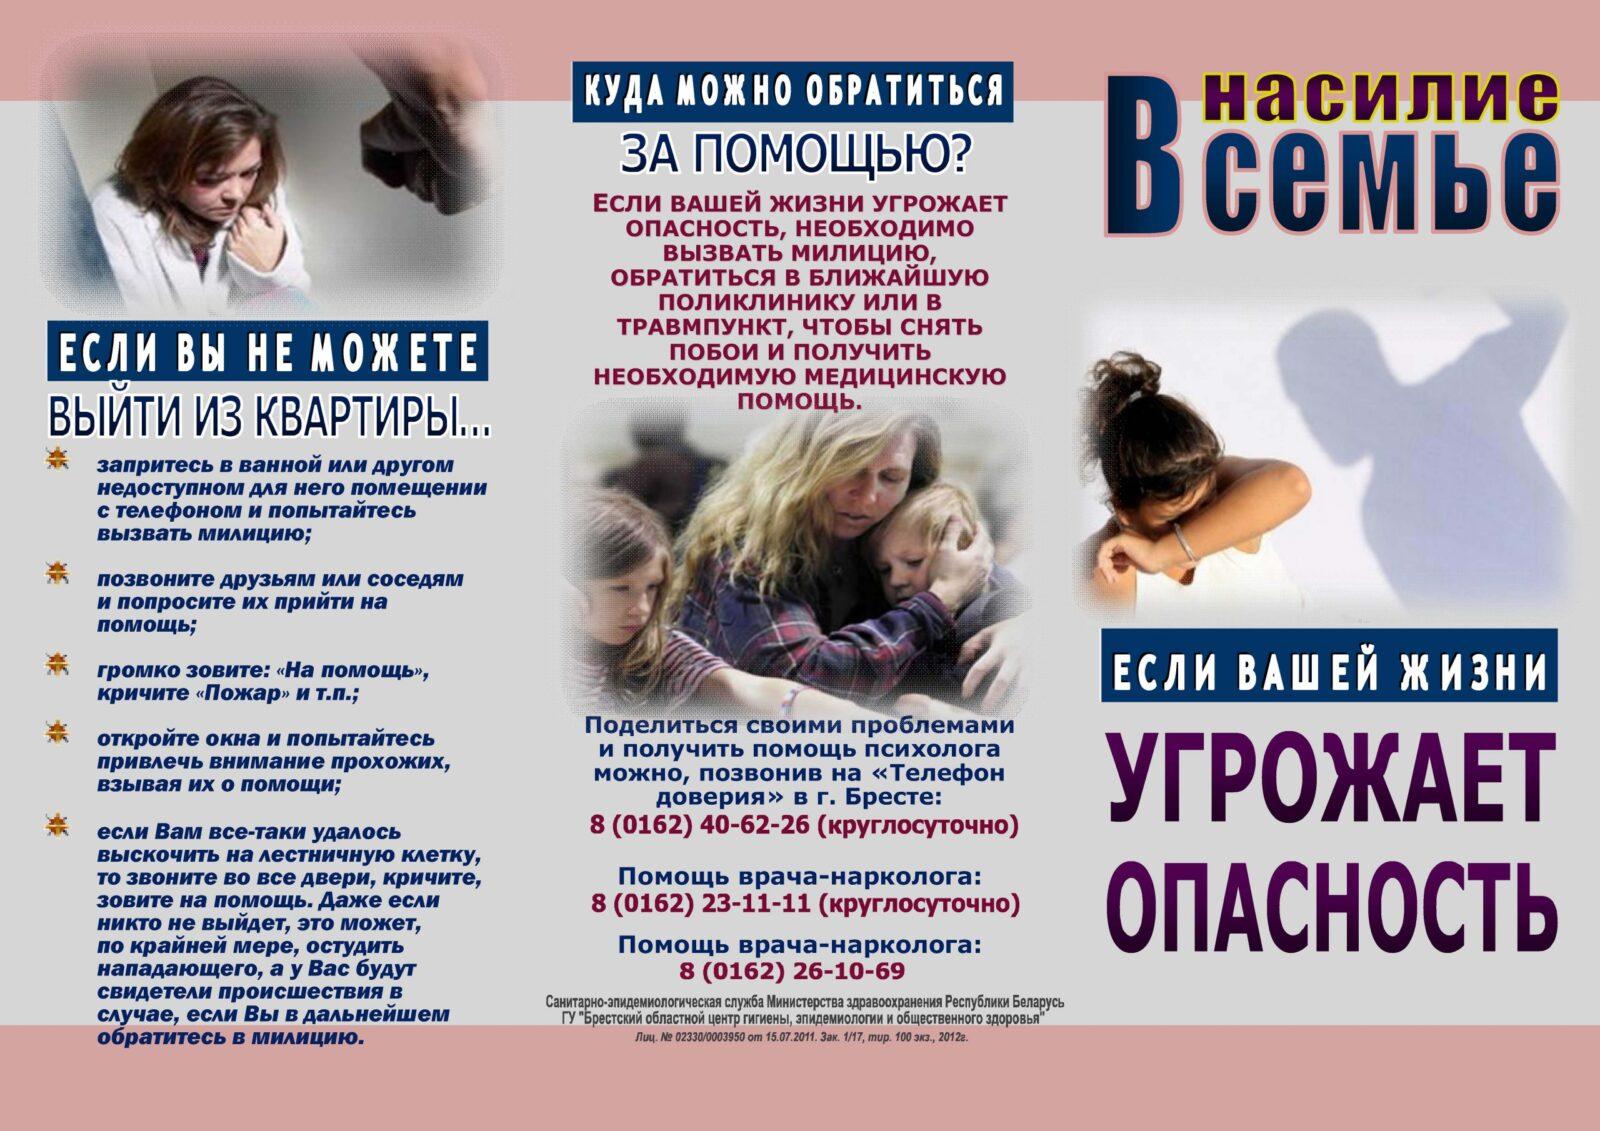 preduprezhdenie_domashnego_nasiliya_3